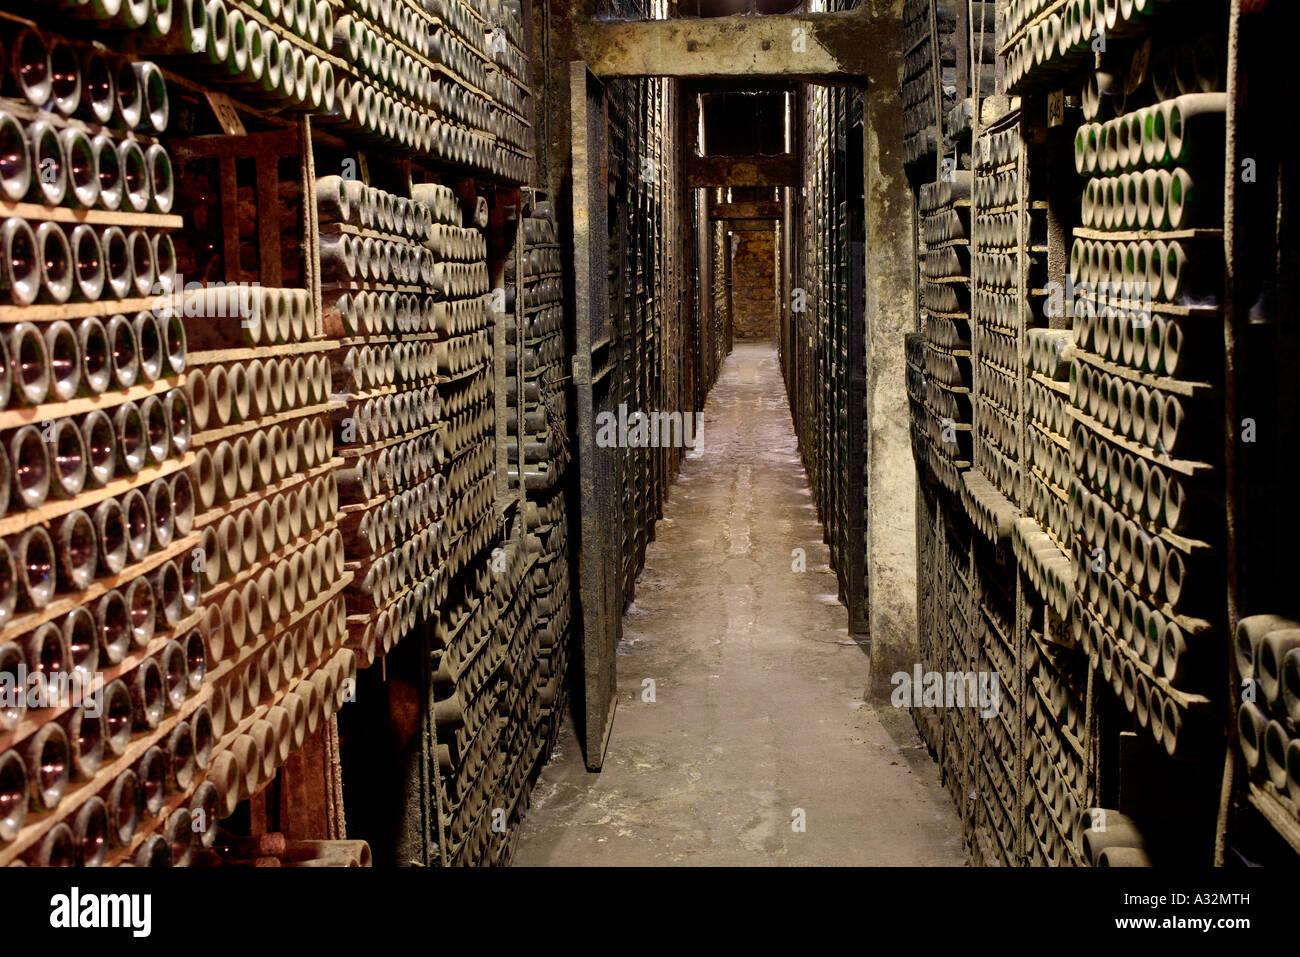 Bodegas de los herederos de marques de riscal cellars elciego alaba stock photo 10650592 alamy - Arquitecto bodegas marques de riscal ...